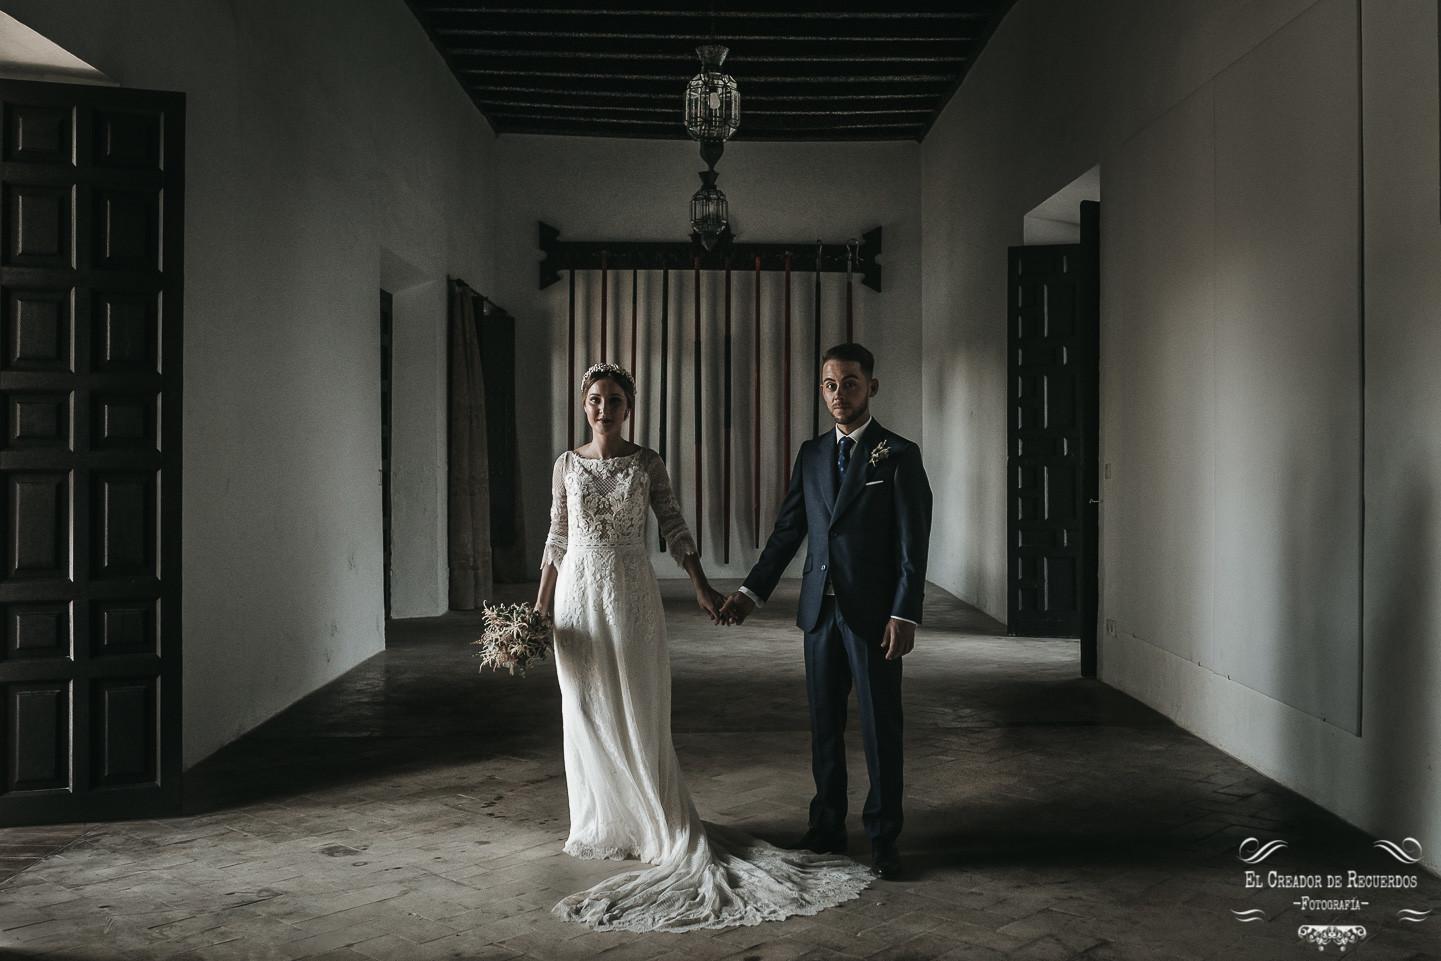 elcreadorderecuerdos-fotógrafo-de-bodas-33